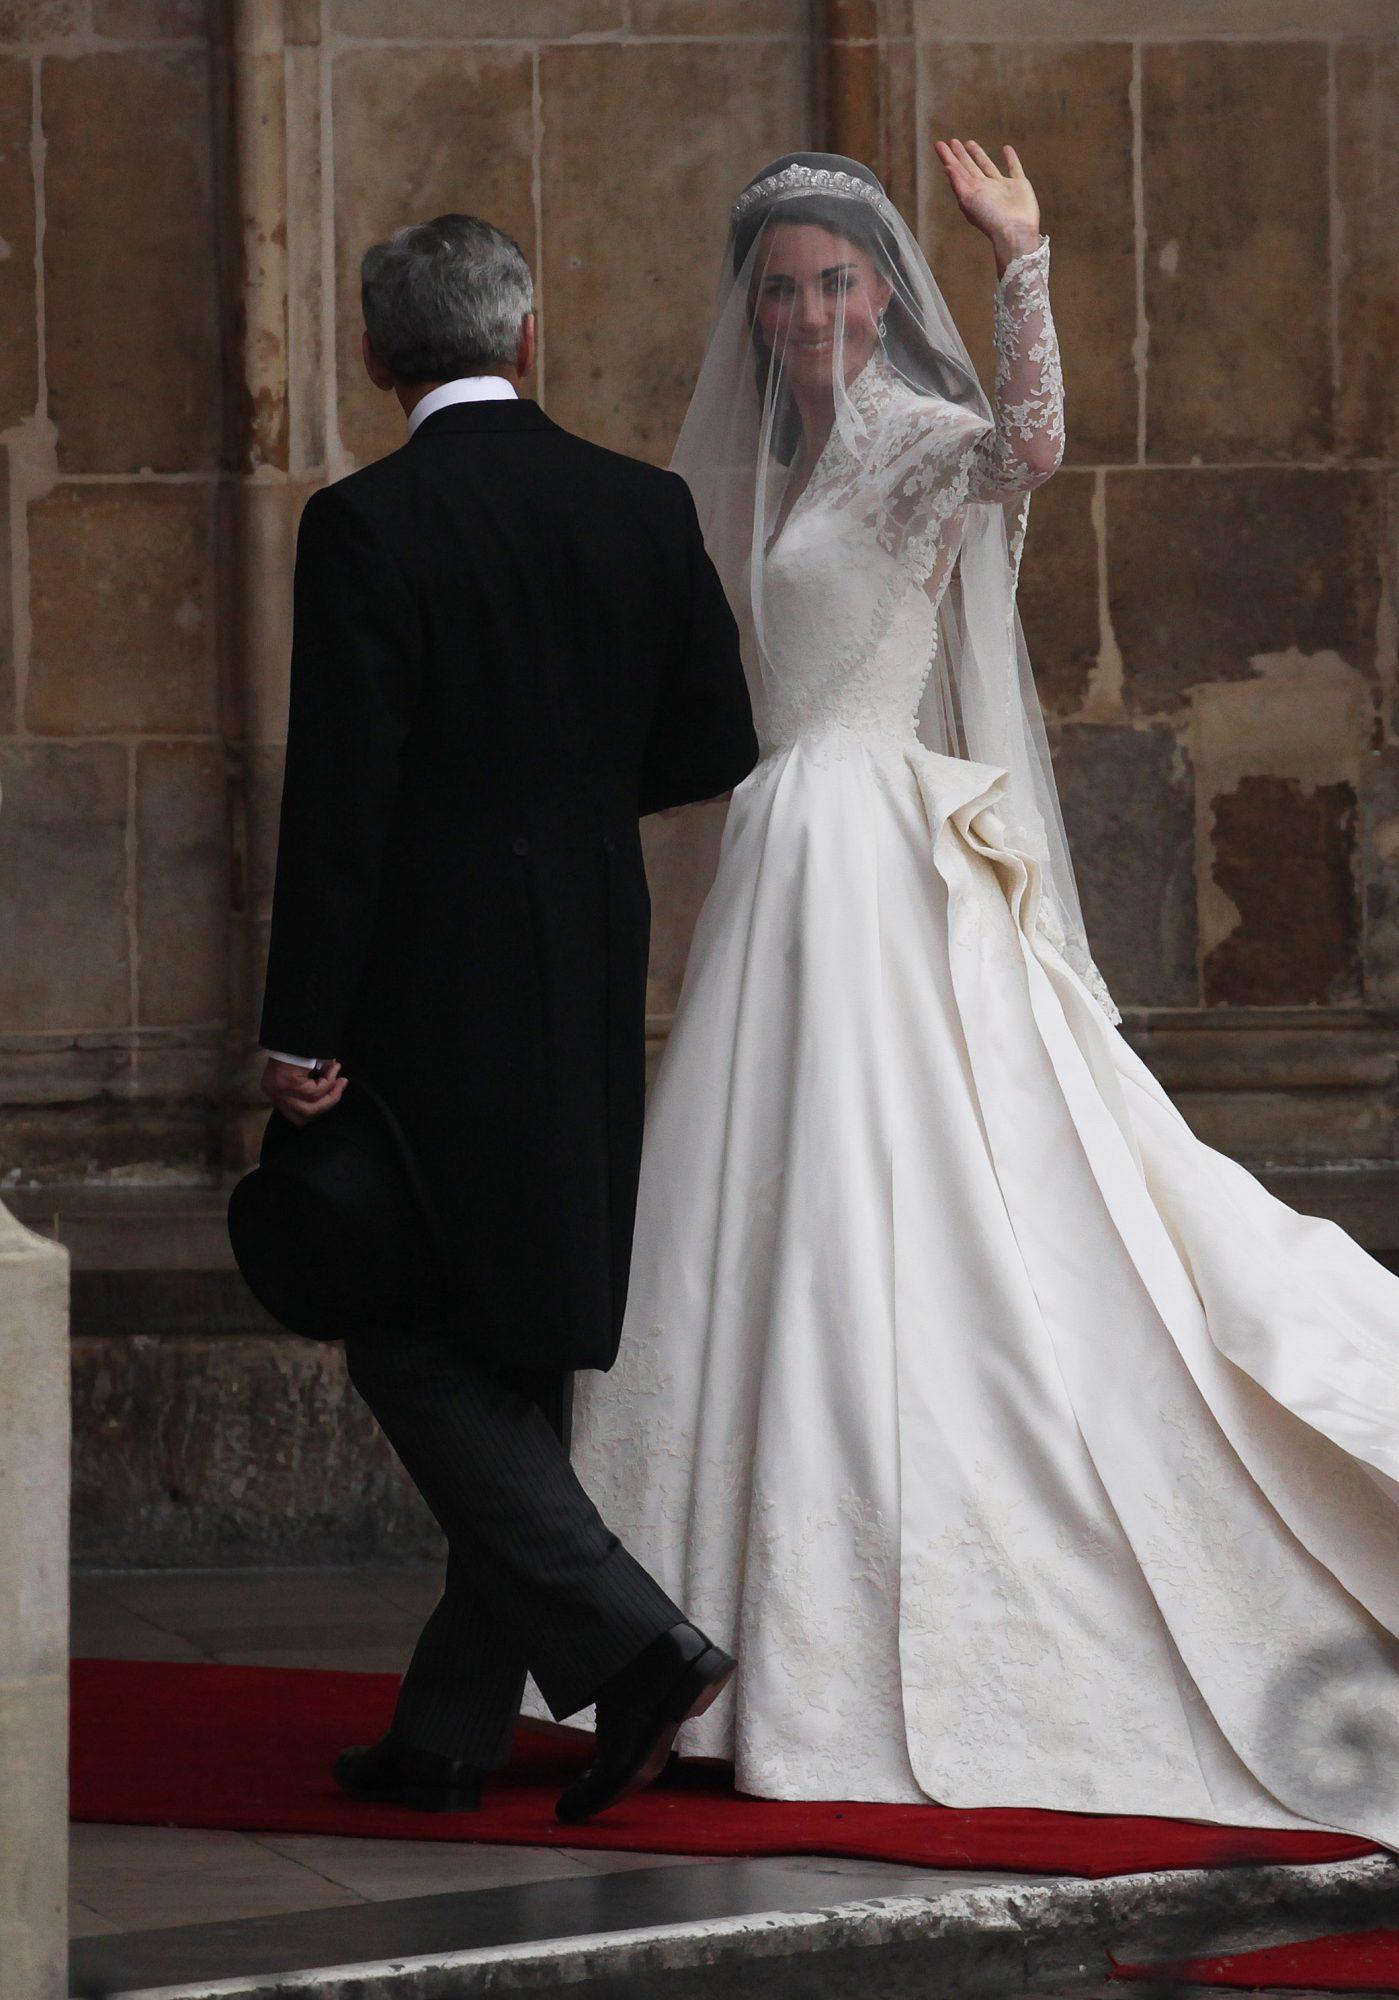 kate middleton waving during wedding day